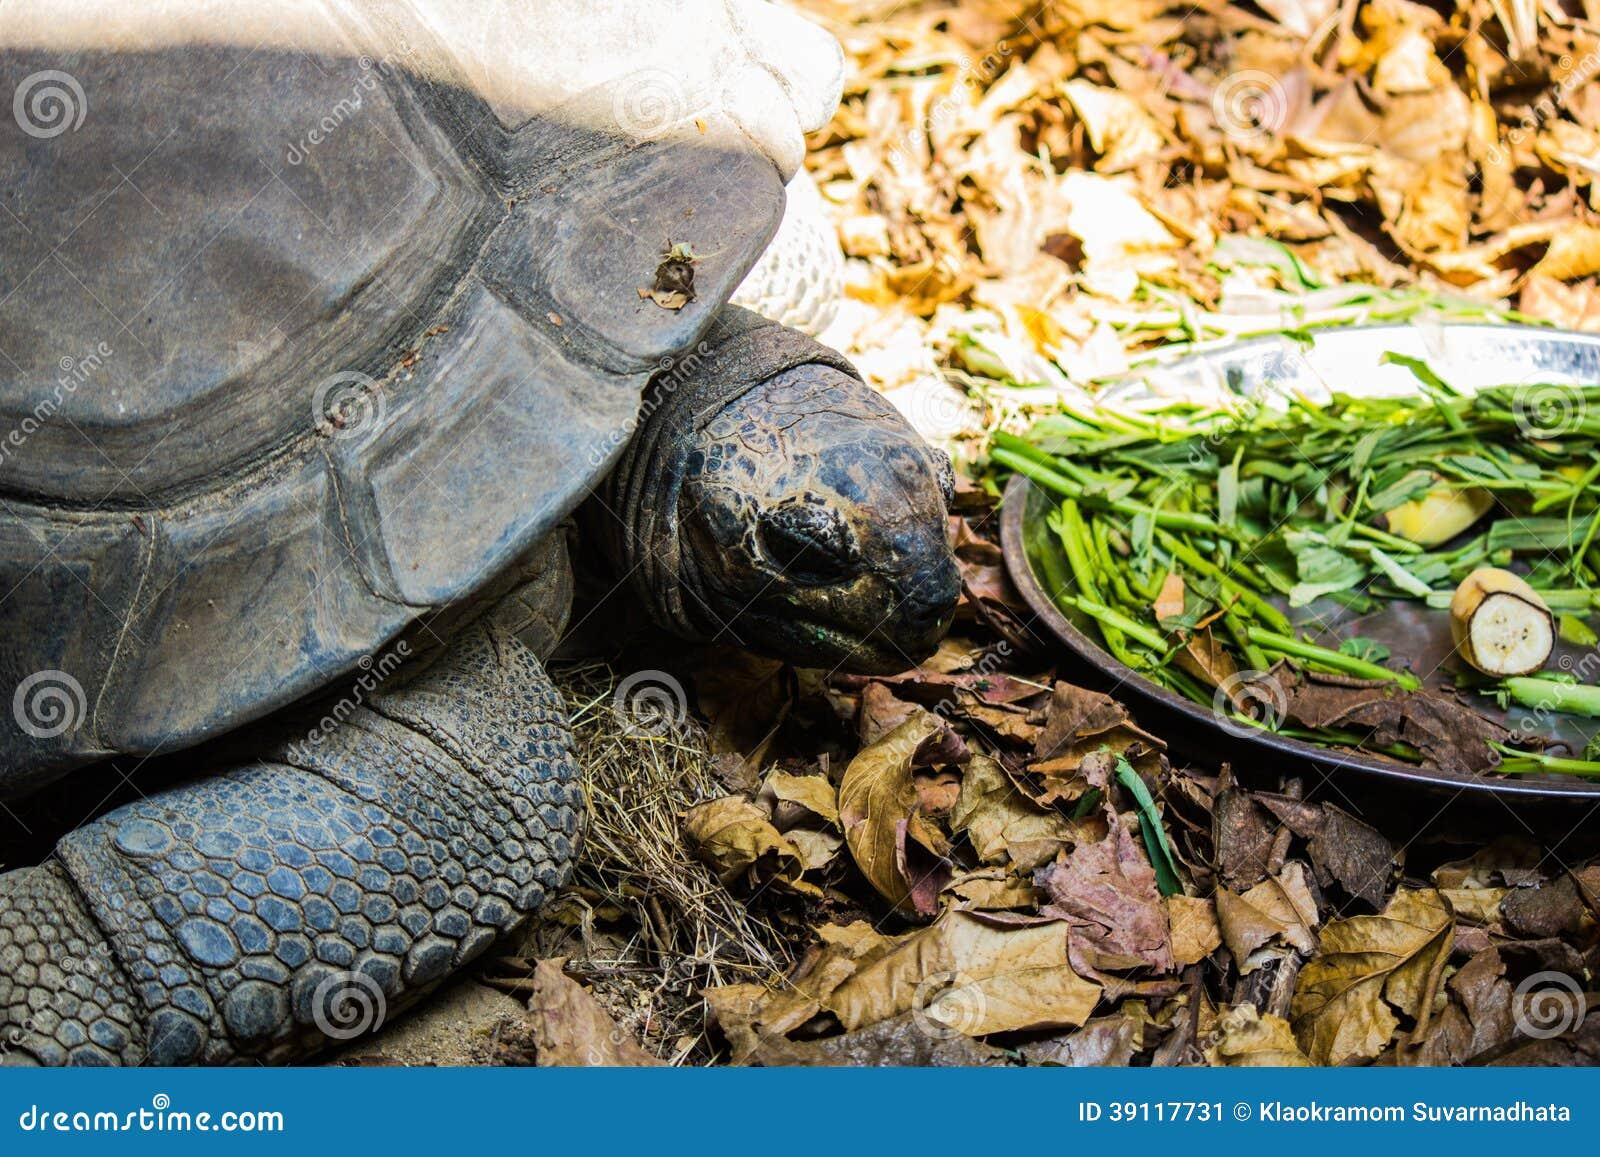 Schildpadden in Bangkok